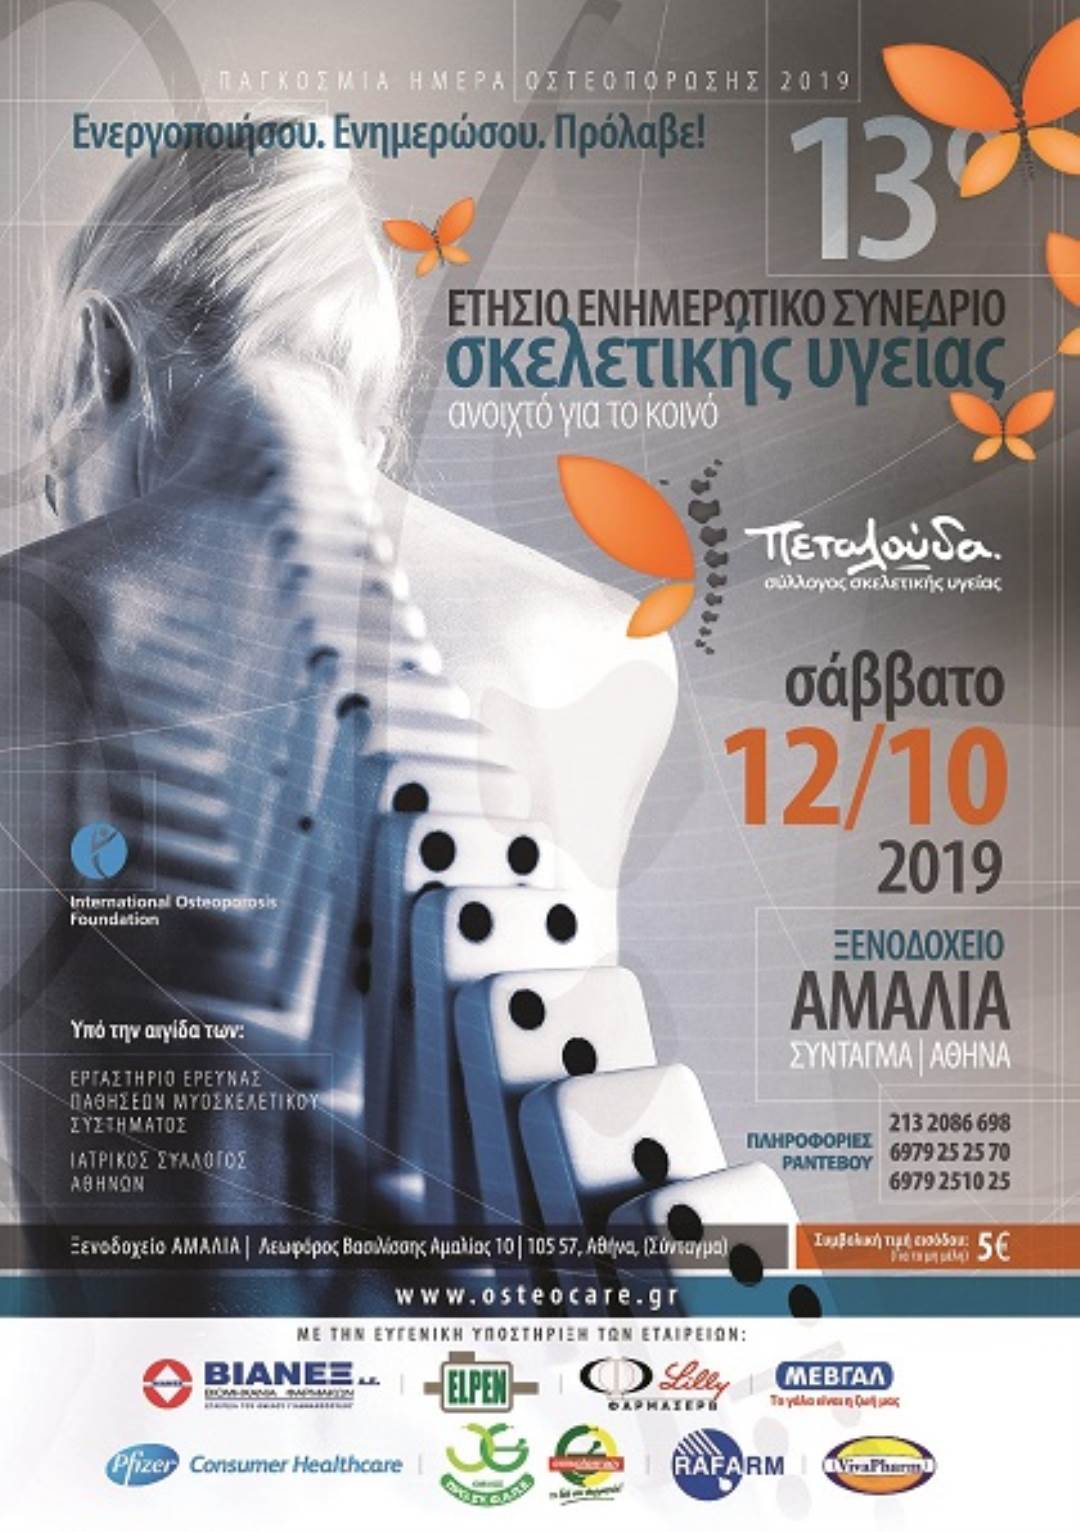 13ο Συνέδριο Σκελετικής Υγείας 2019!